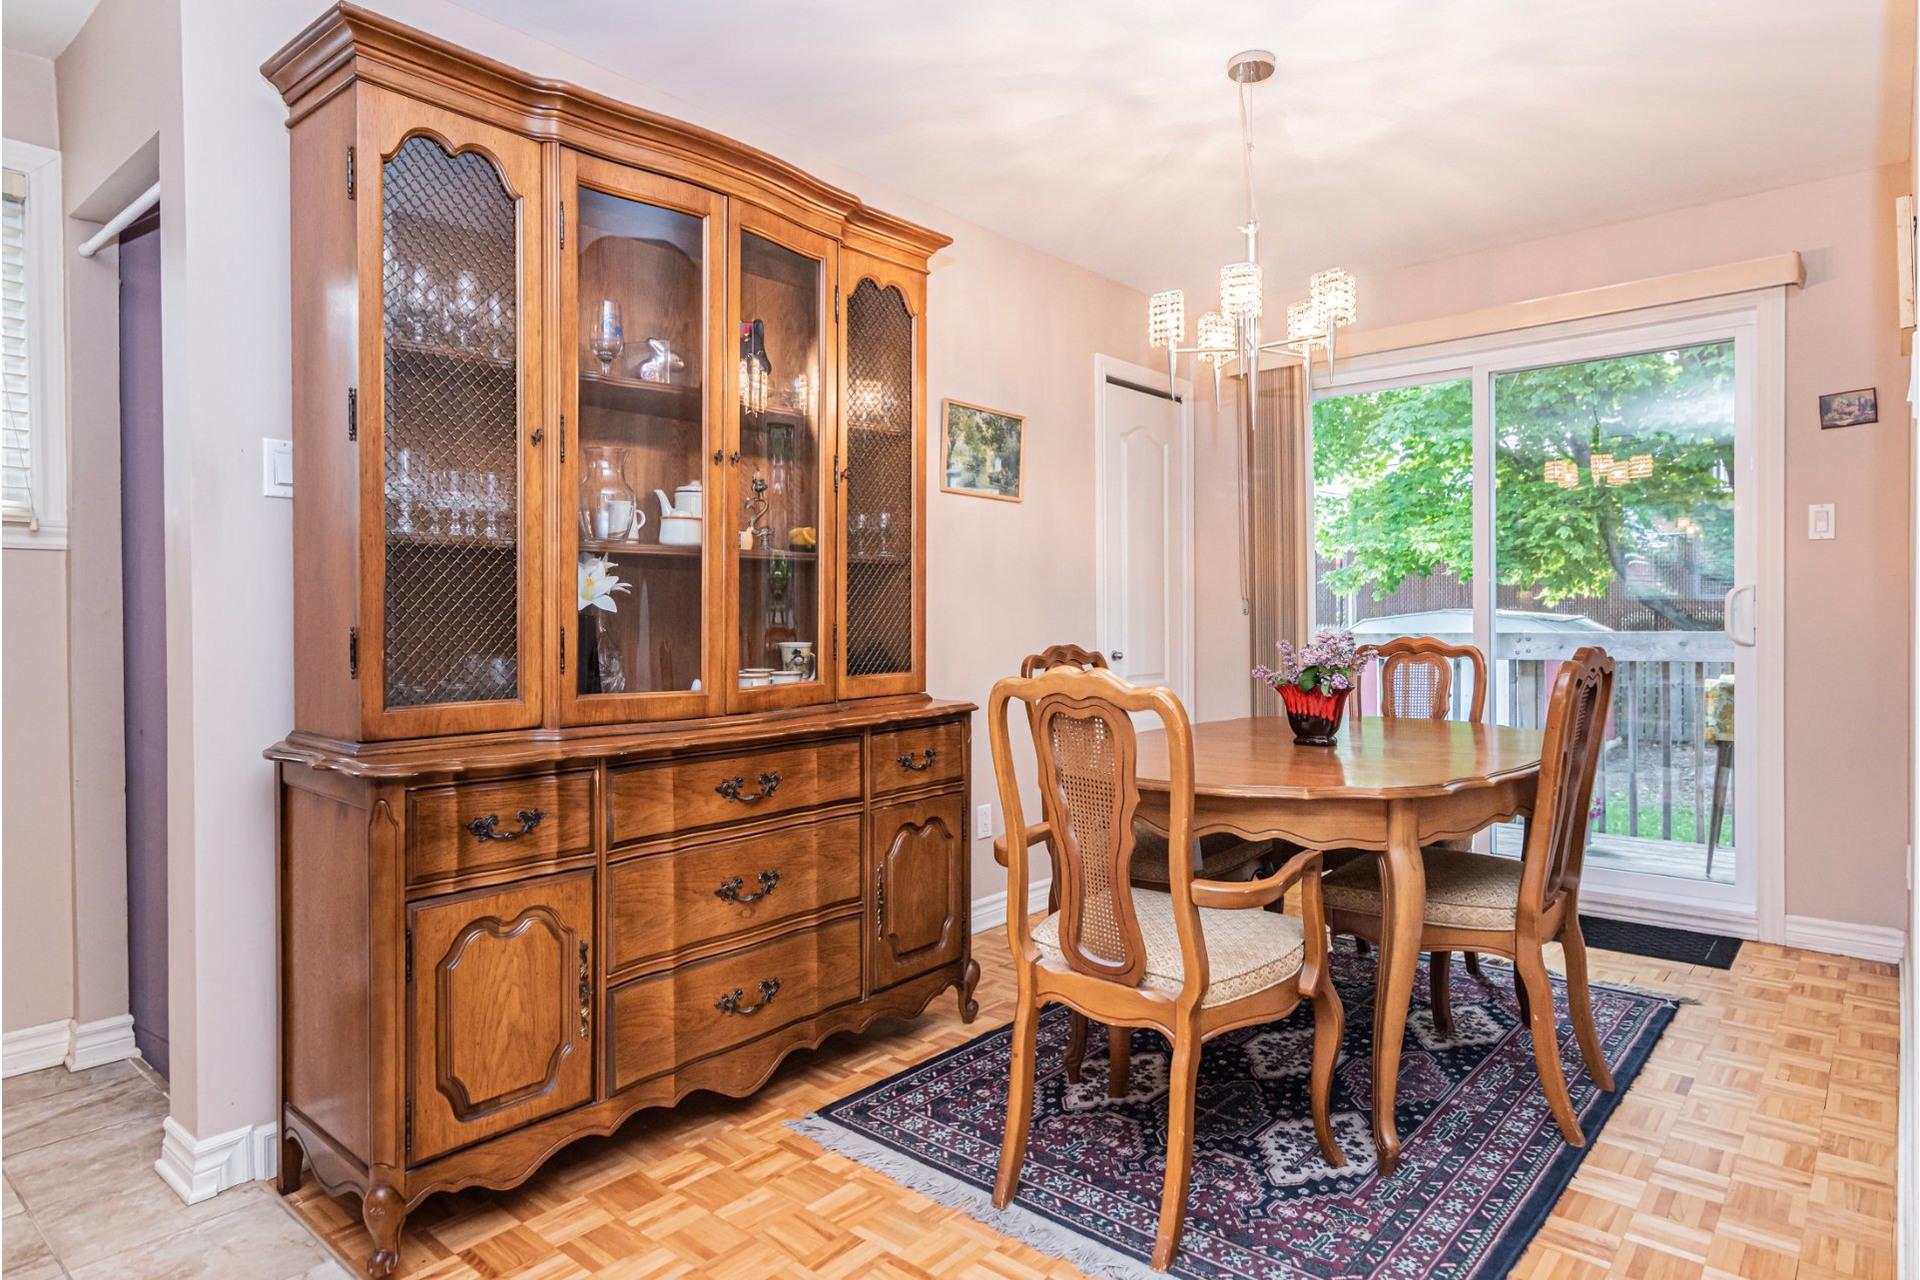 image 20 - Maison À vendre Fabreville Laval  - 9 pièces